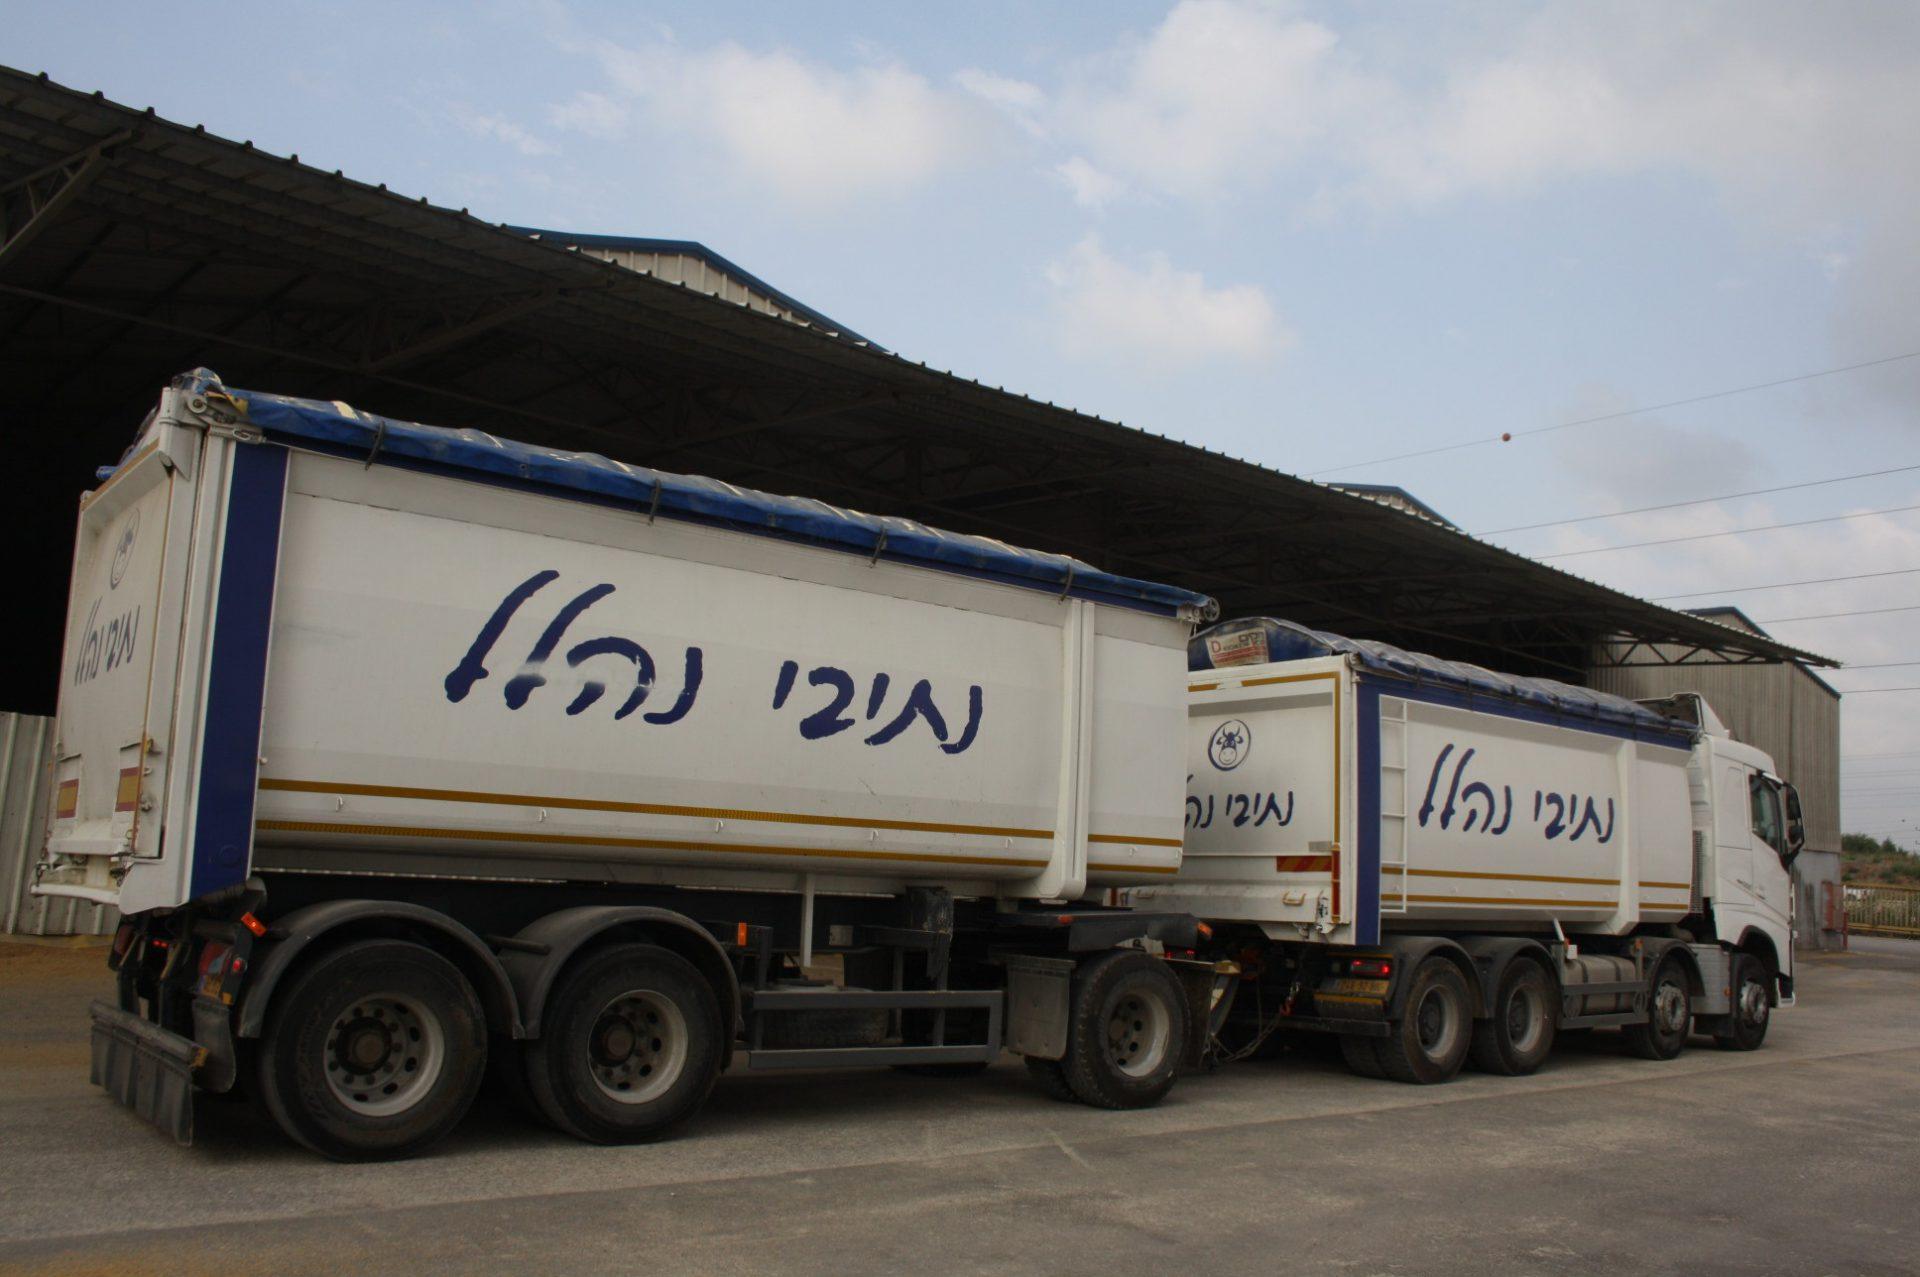 נתיבי נהלל משאית